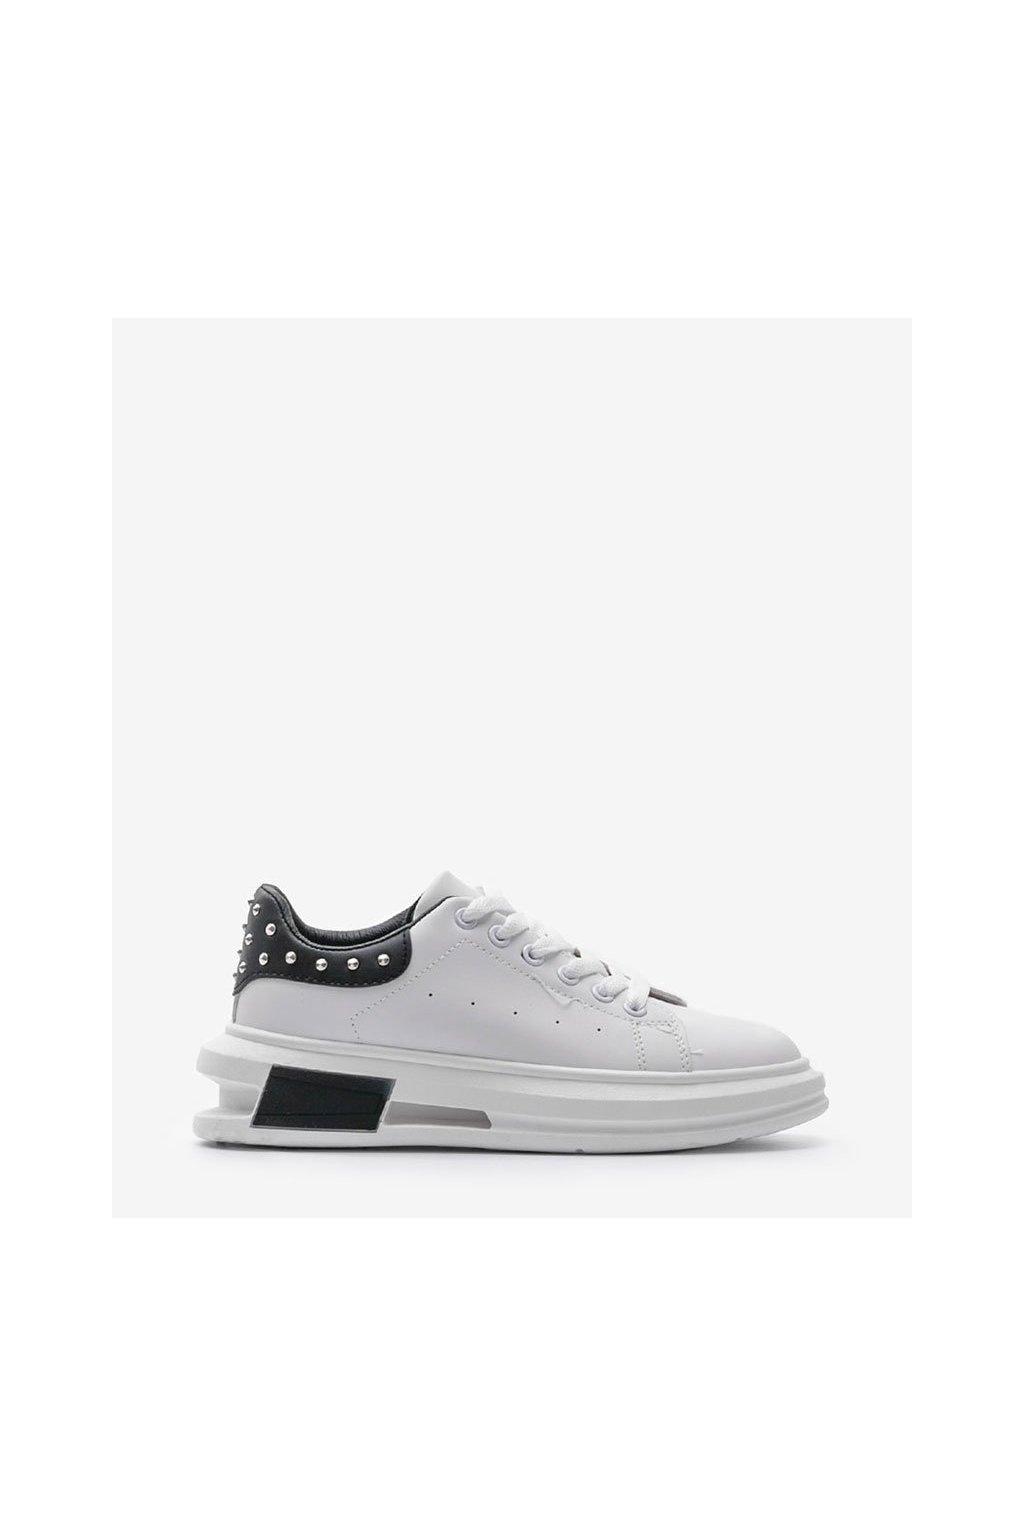 Dámske topánky tenisky biele kód S36 BL/WHITE - GM